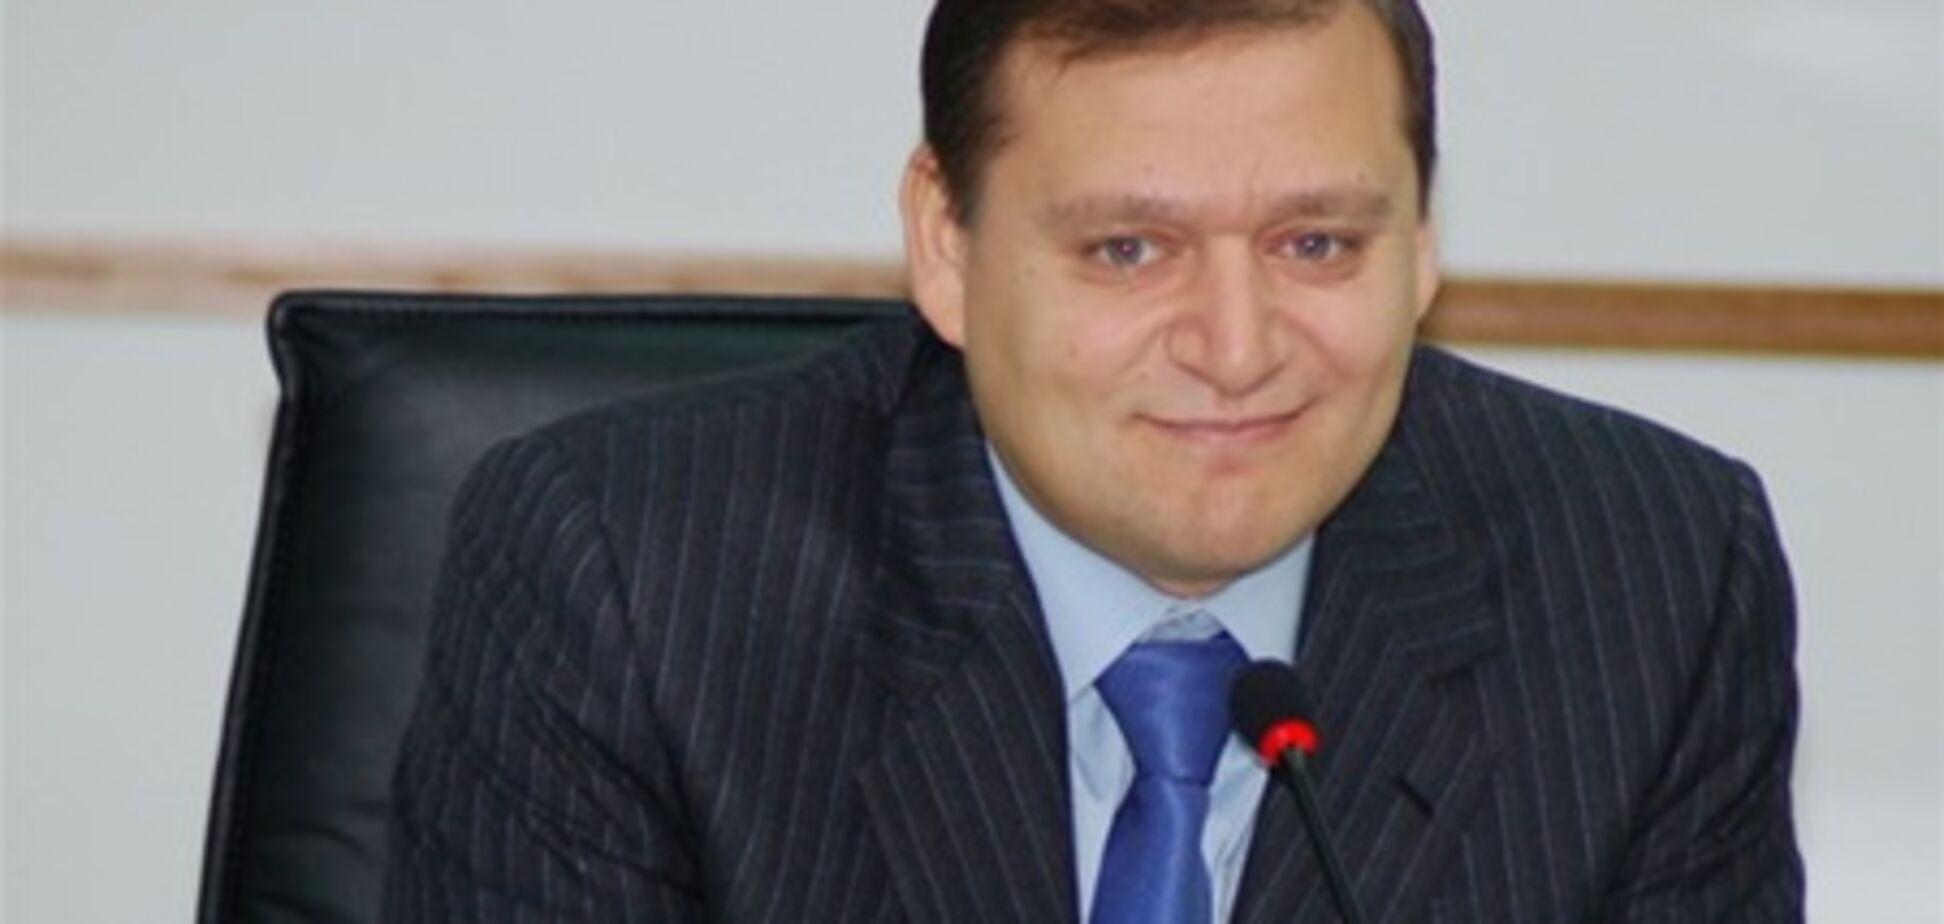 Харків. Добкін переконаний, що Кернес – найулюбленіший політик харків'ян